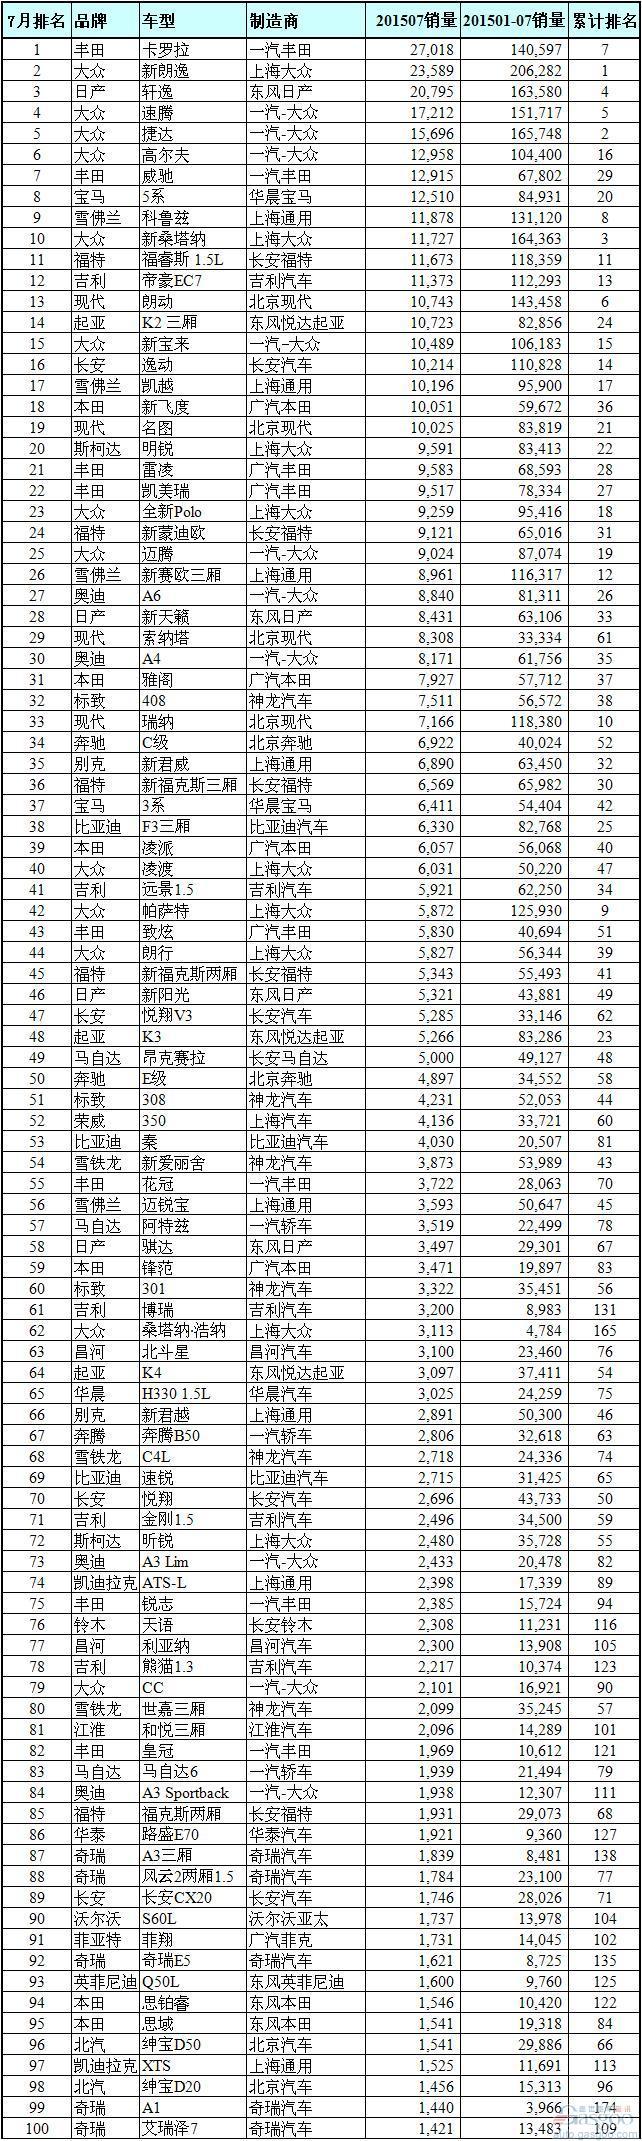 7月中国车型销量排名